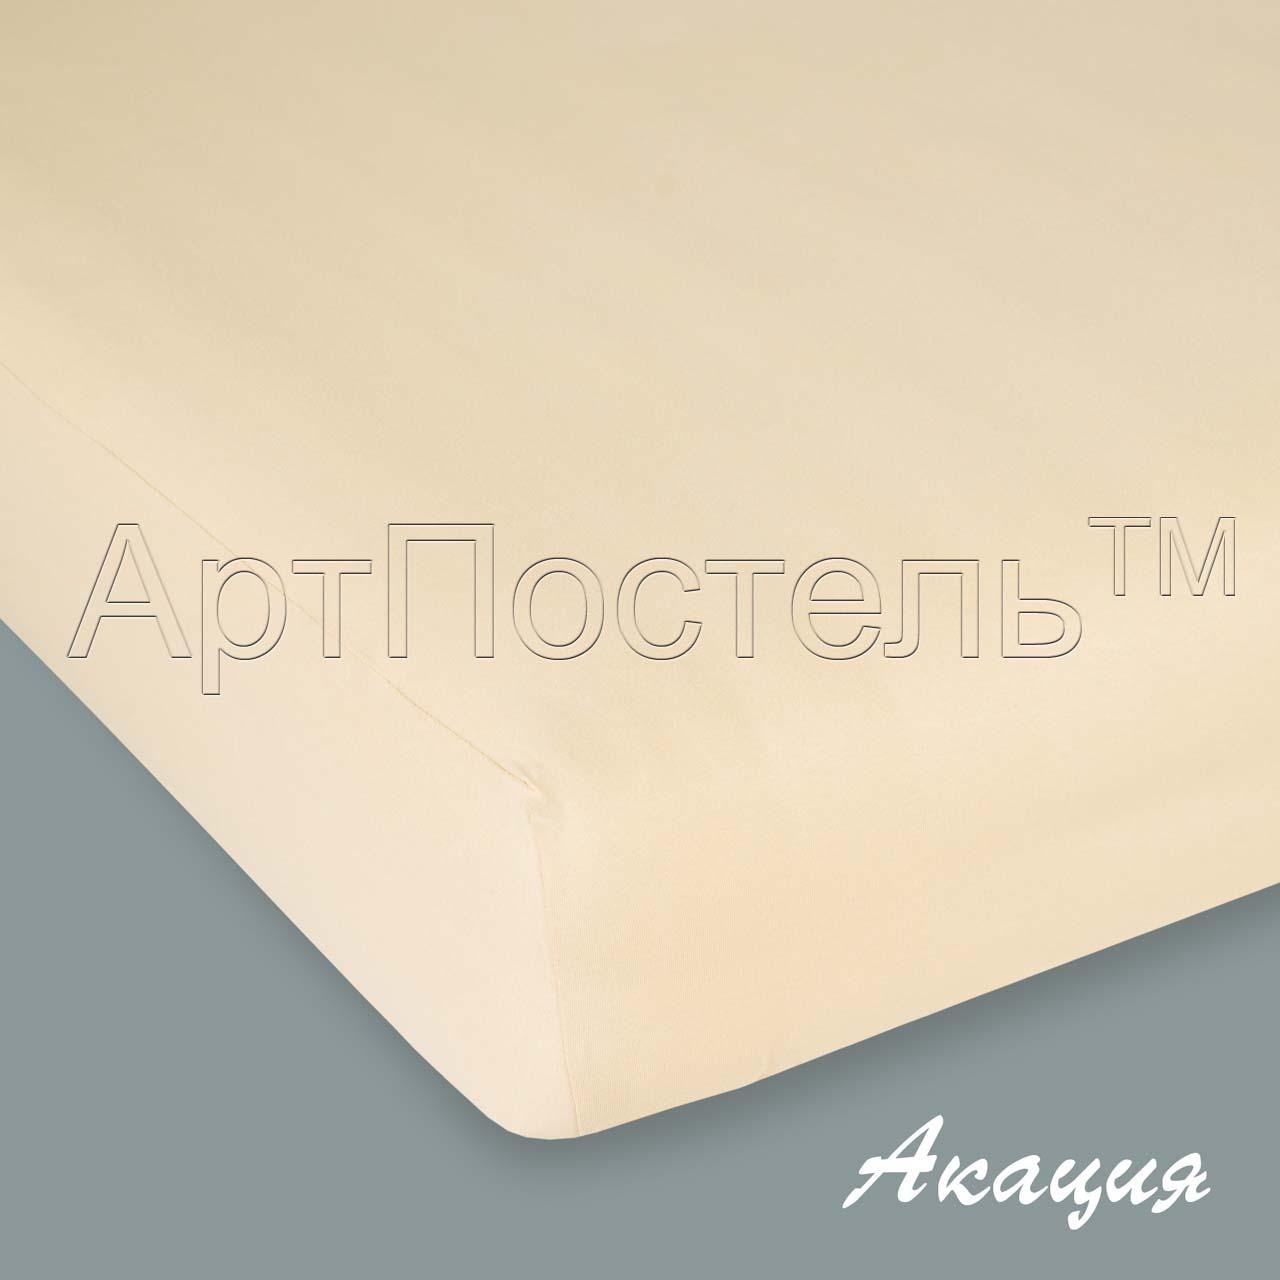 Простыня на резинке Акация, размер 140х200 смПростыни<br>Плотность ткани: 145 г/кв. м <br>Высота матраса: 20 см<br><br>Тип: Простыня<br>Размер: 140х200<br>Материал: Кулирка